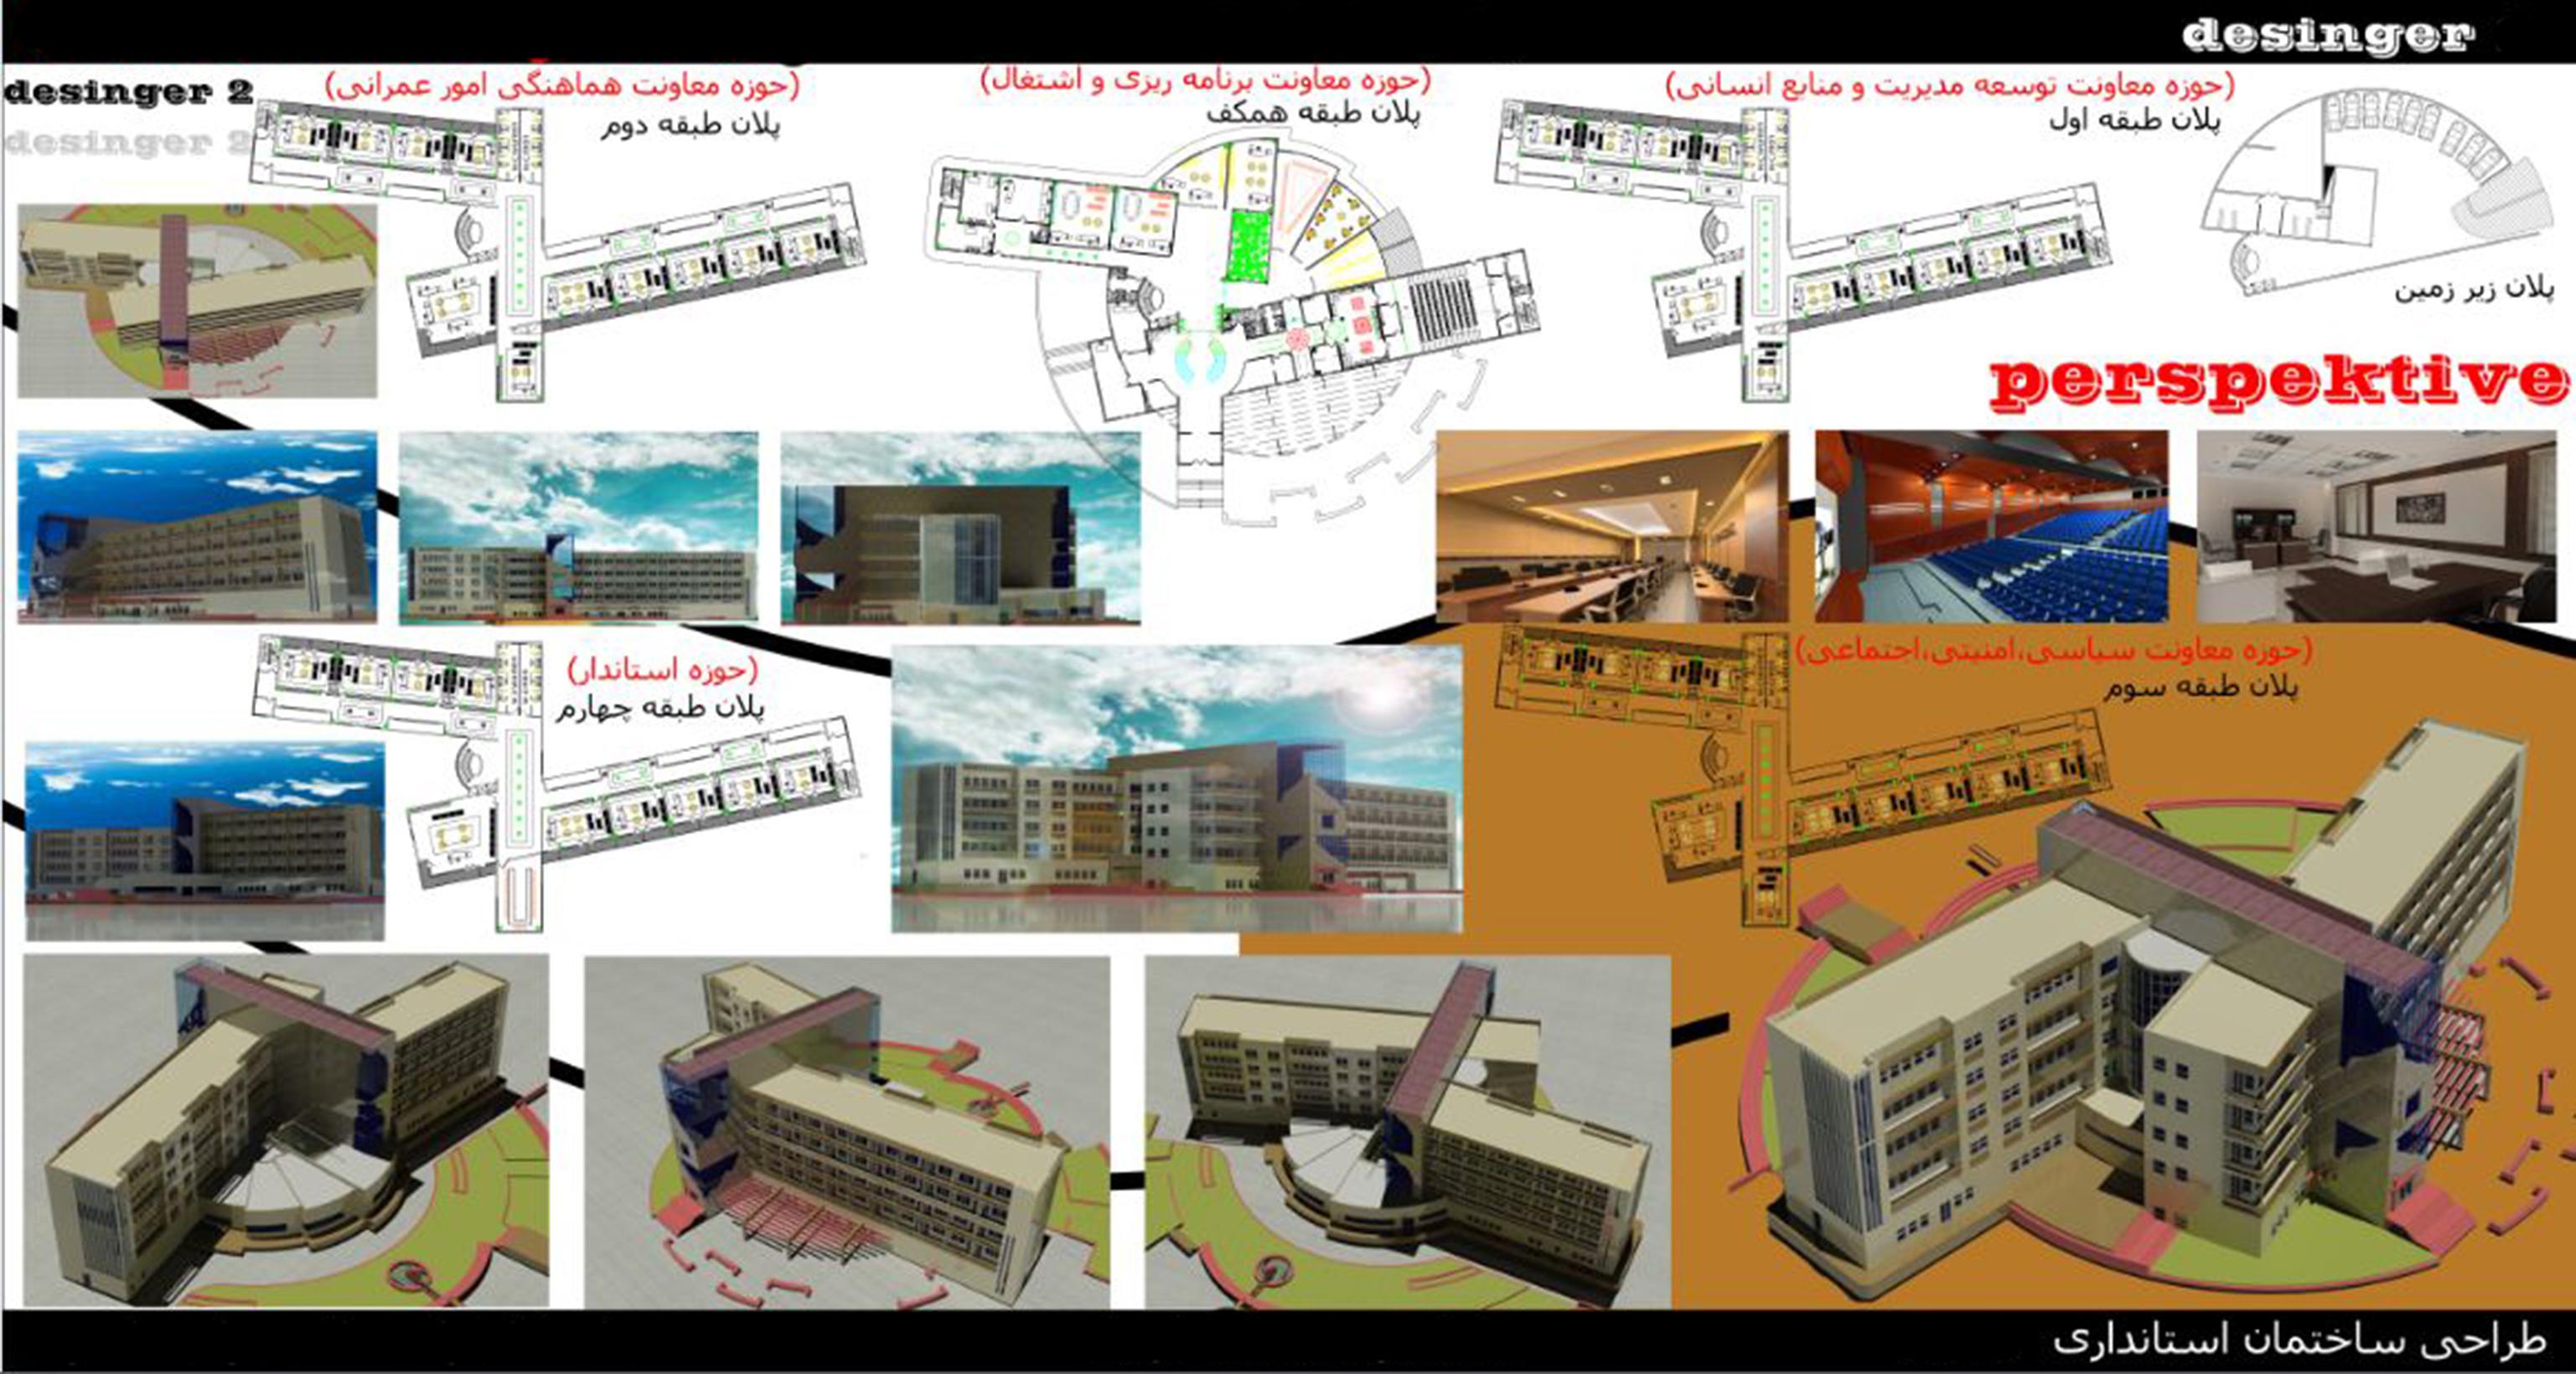 رساله معماری فرمانداری ( رندر - شیت بندی - رساله )